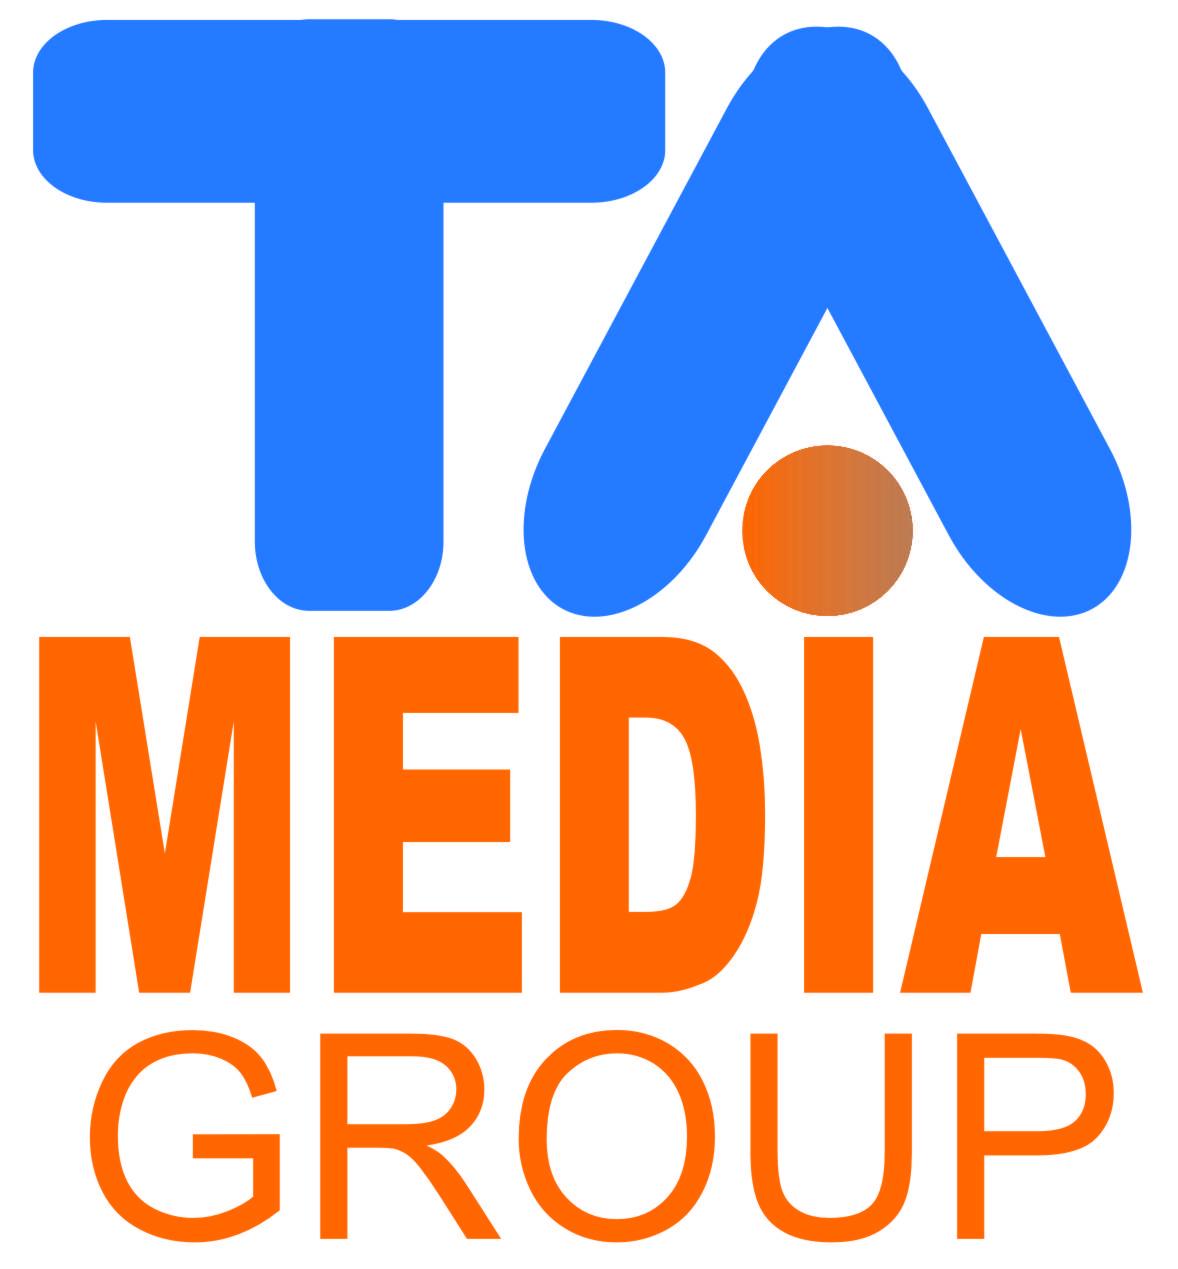 Lowongan Kerja Klaten Januari 2013 Terbaru Lowongan Kerja Terbaru Di Medan Tahun 2016 Lowongan Kerja Di Ta Media Group Solo Lowongan Kerja Terbaru Solo